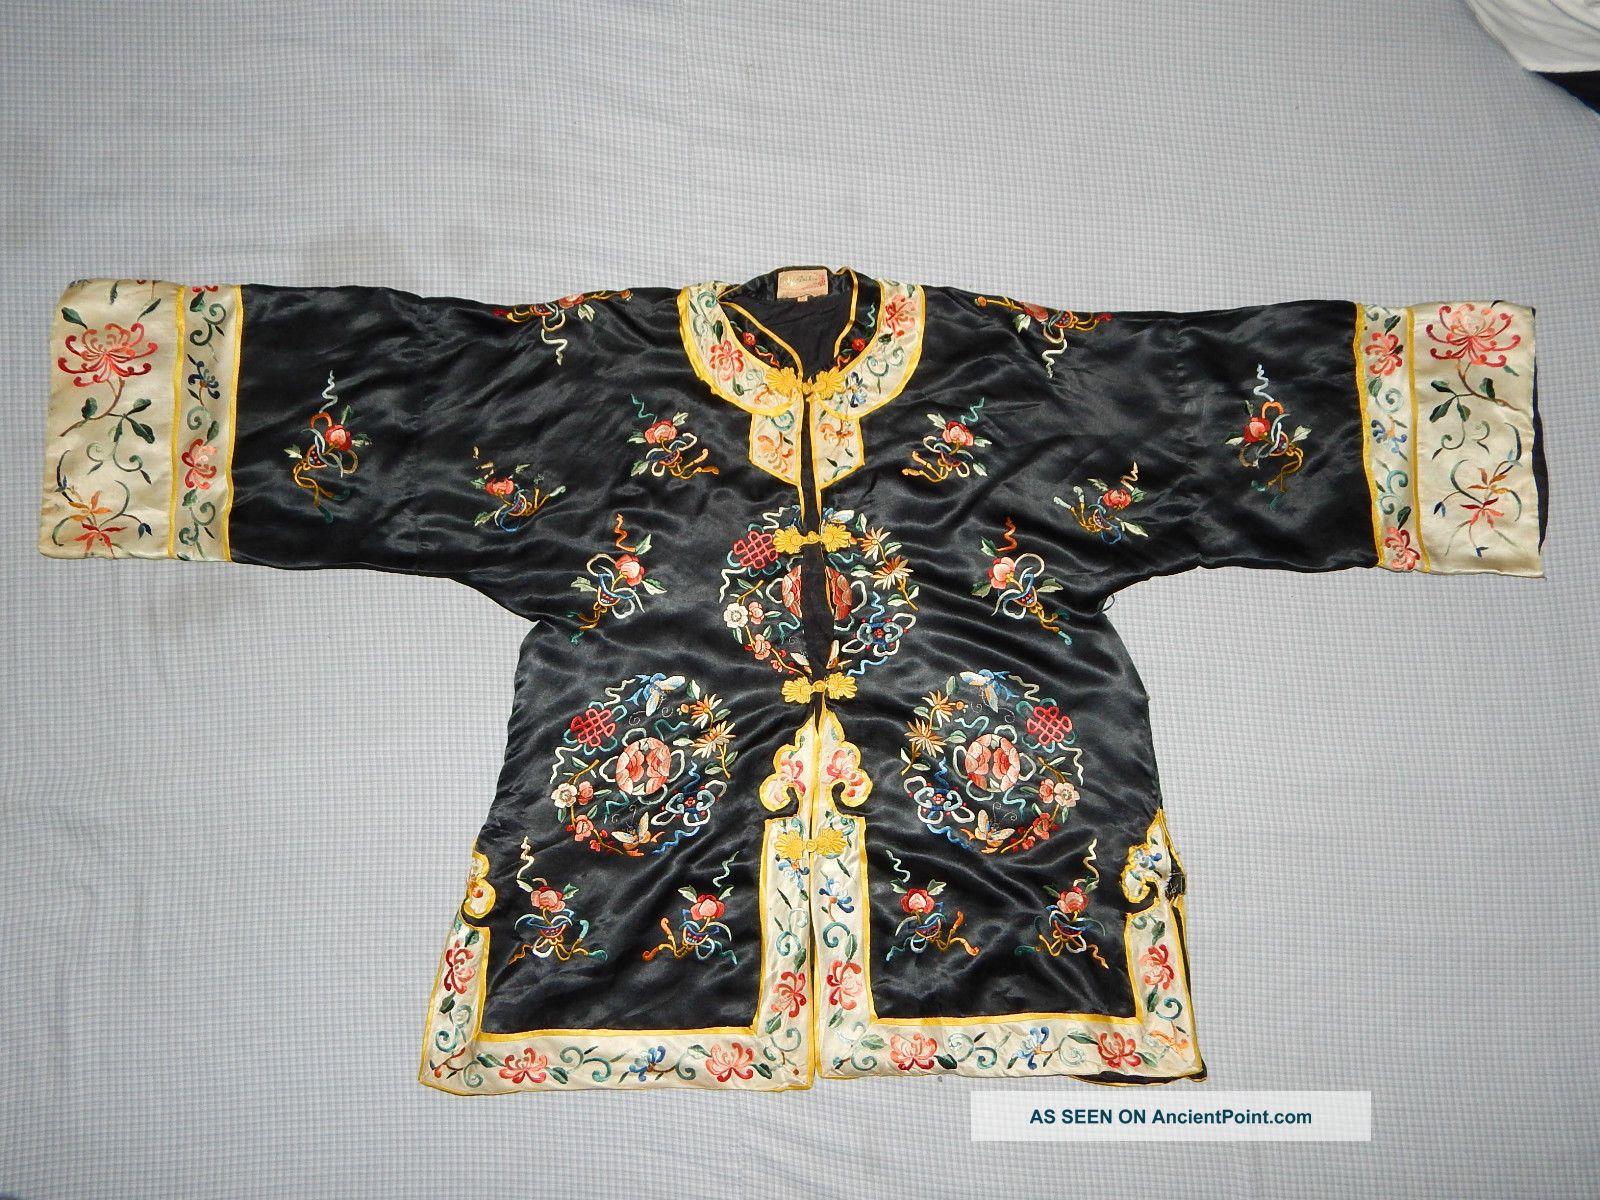 Antique Chinese Silk Embroidered Women ' S Robe Kimono Dress Textile Textiles photo